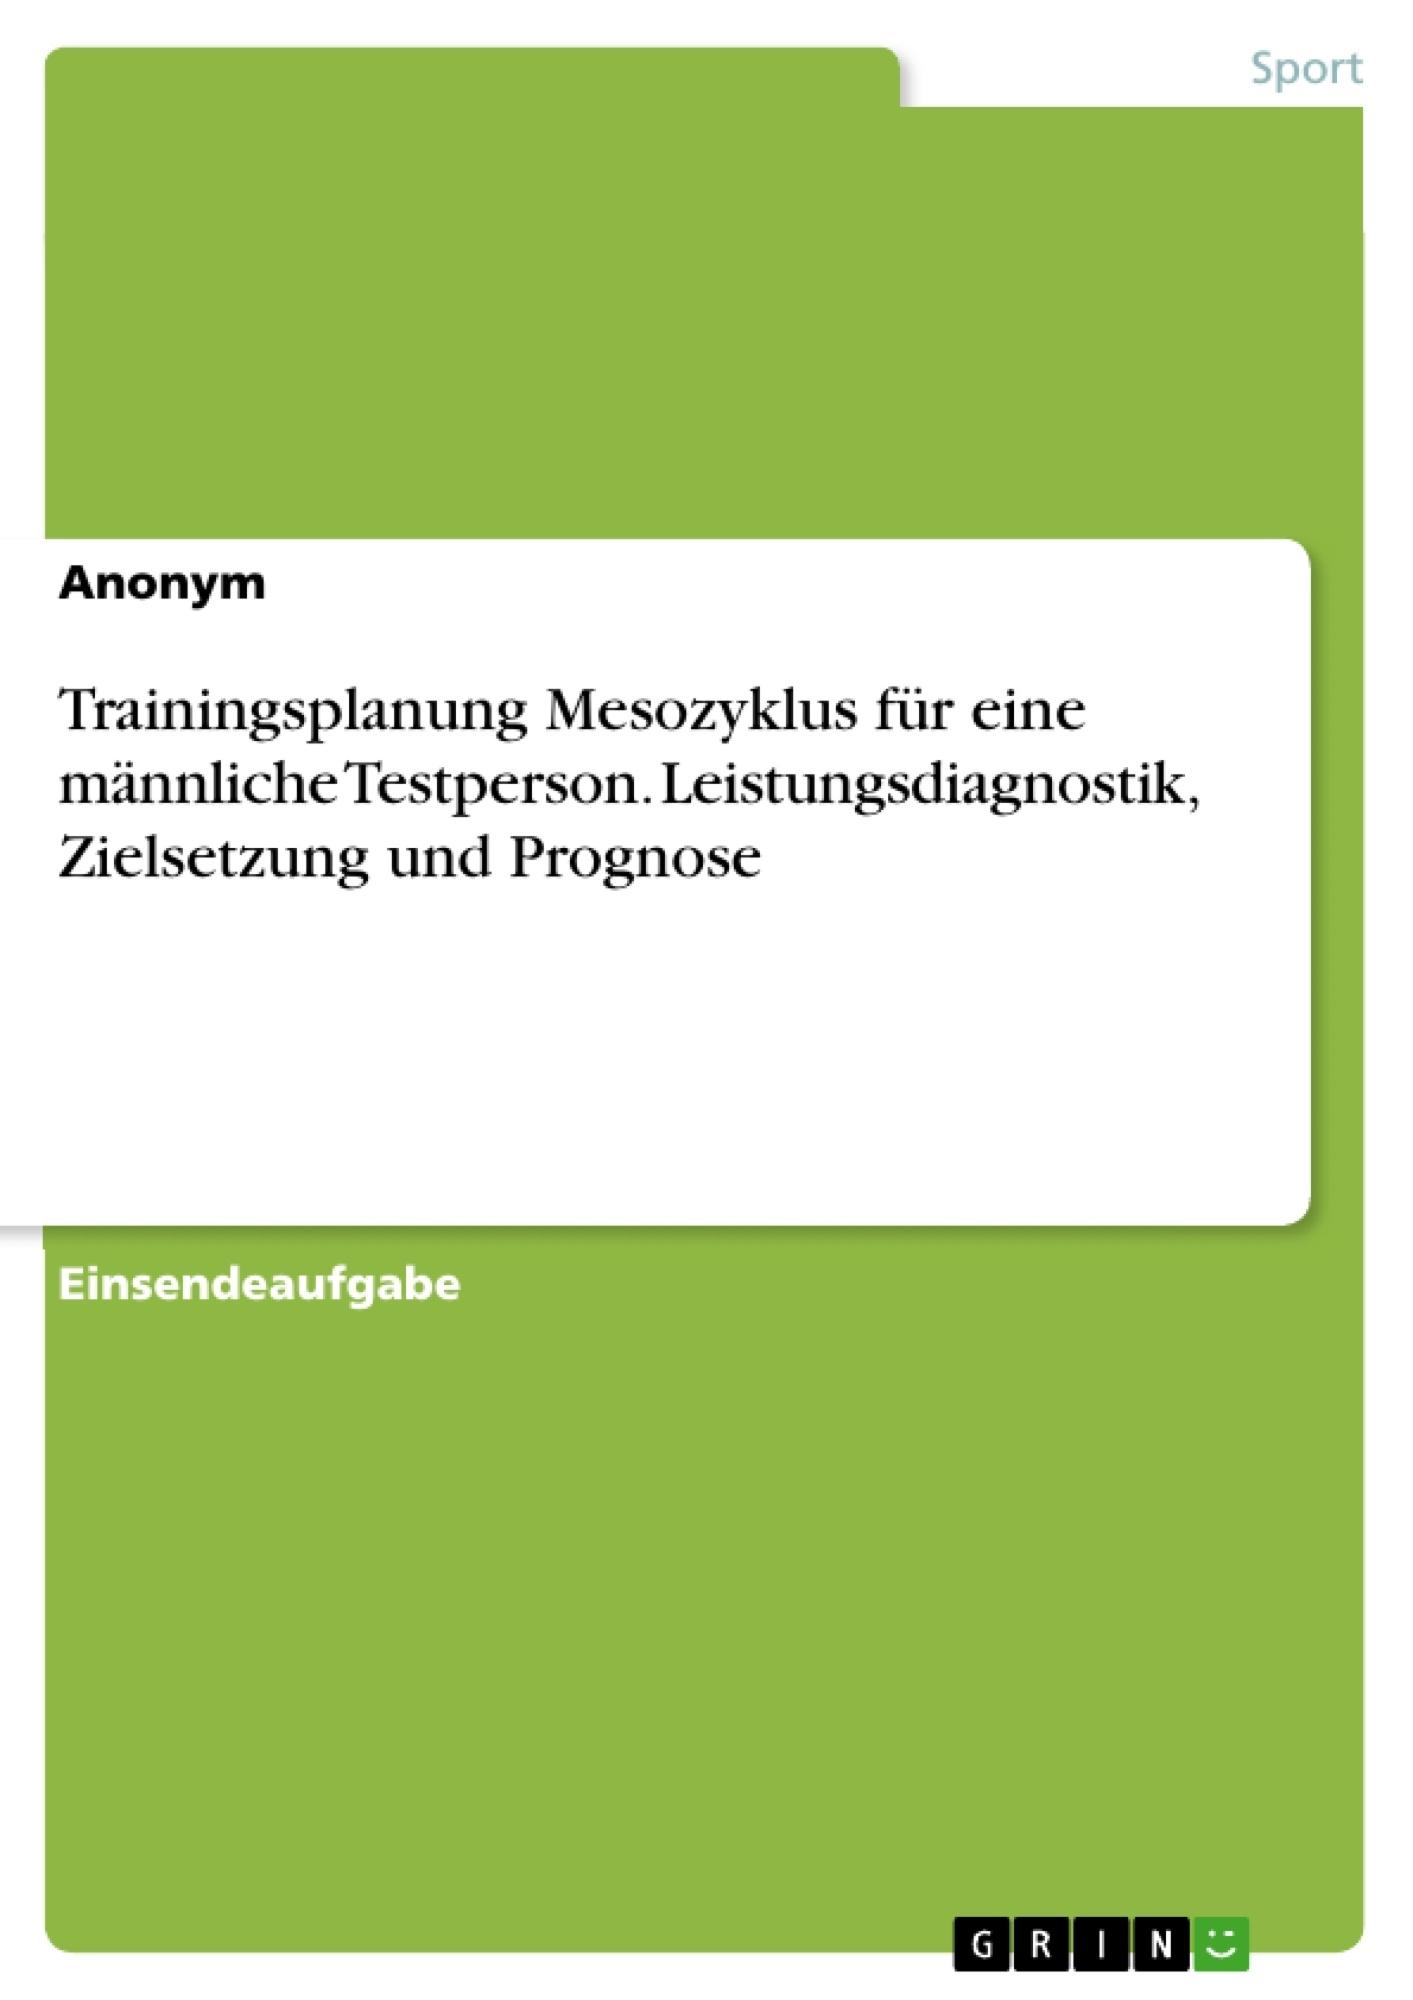 Titel: Trainingsplanung Mesozyklus für eine männliche Testperson. Leistungsdiagnostik, Zielsetzung und Prognose